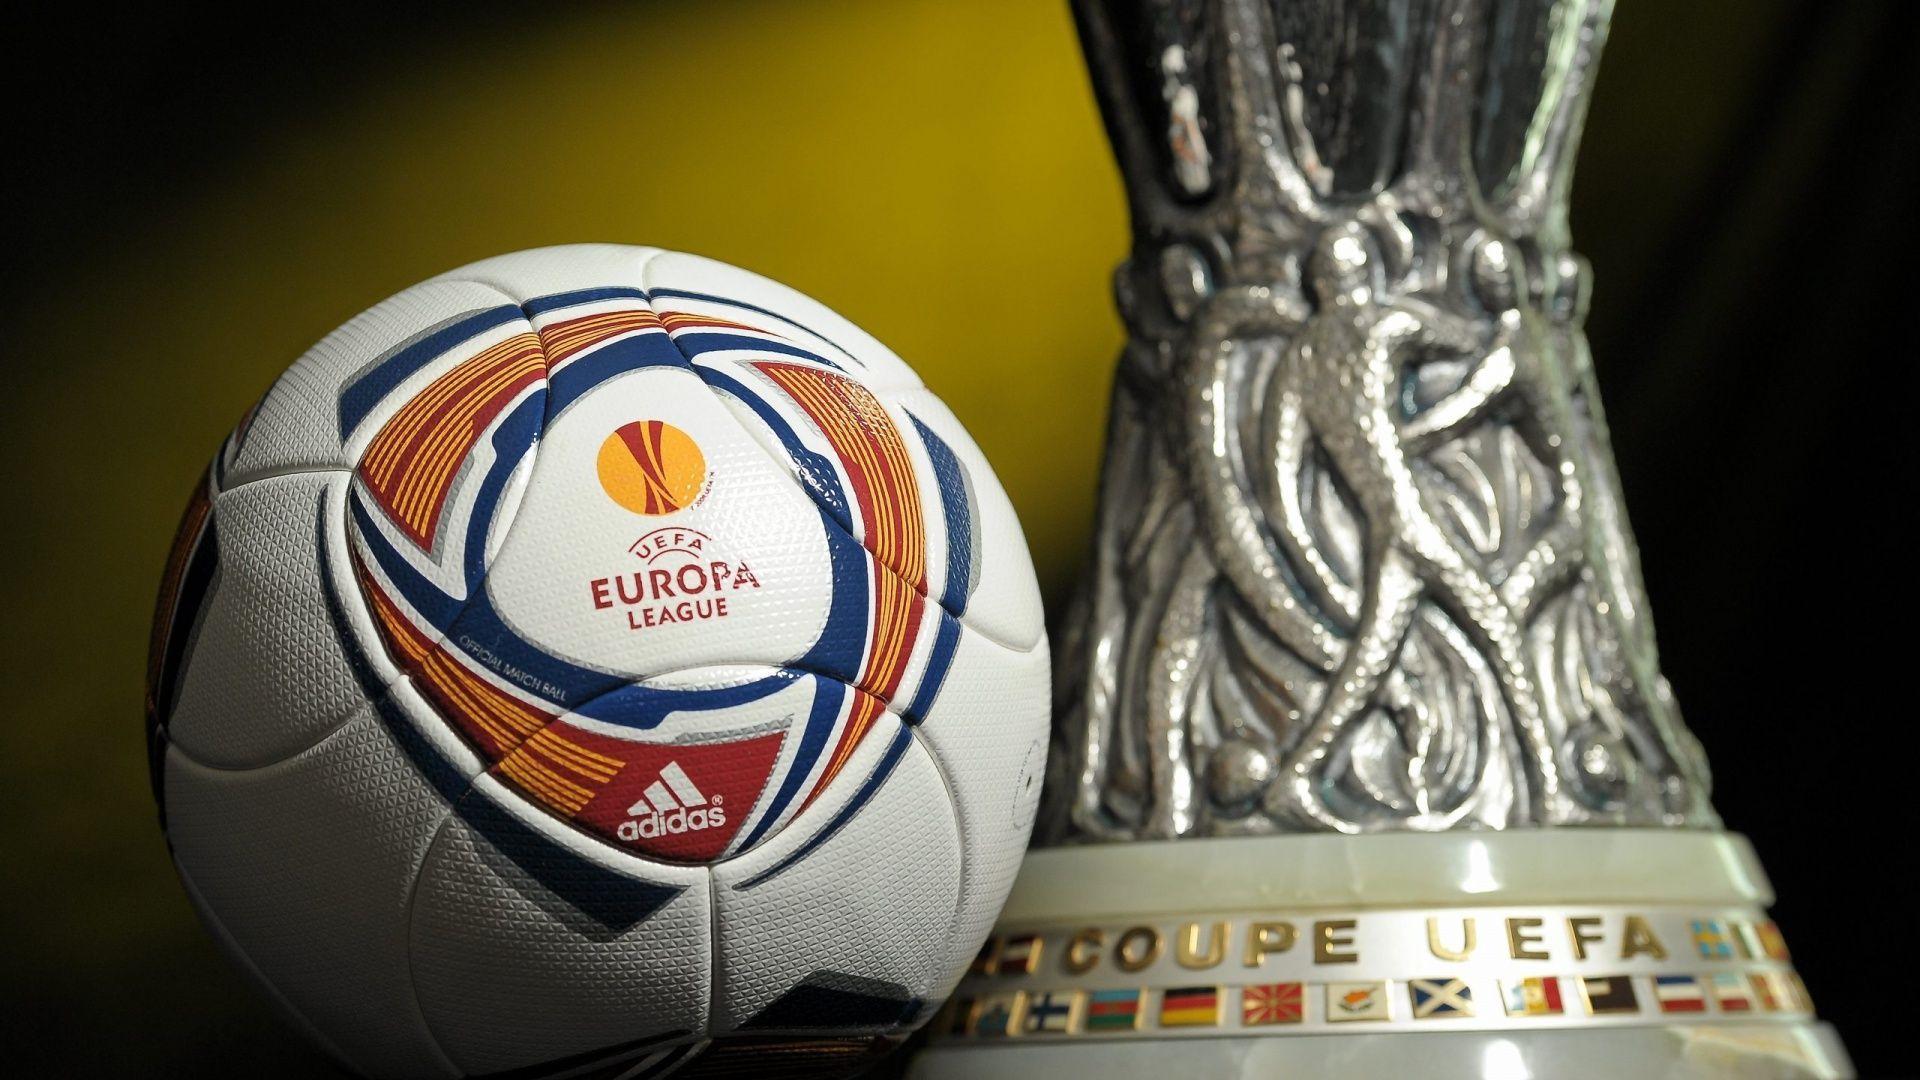 Sorteggi Europa League 2014/2015, sedicesimi di finale: gli accoppiamenti delle italiane [FOTO]